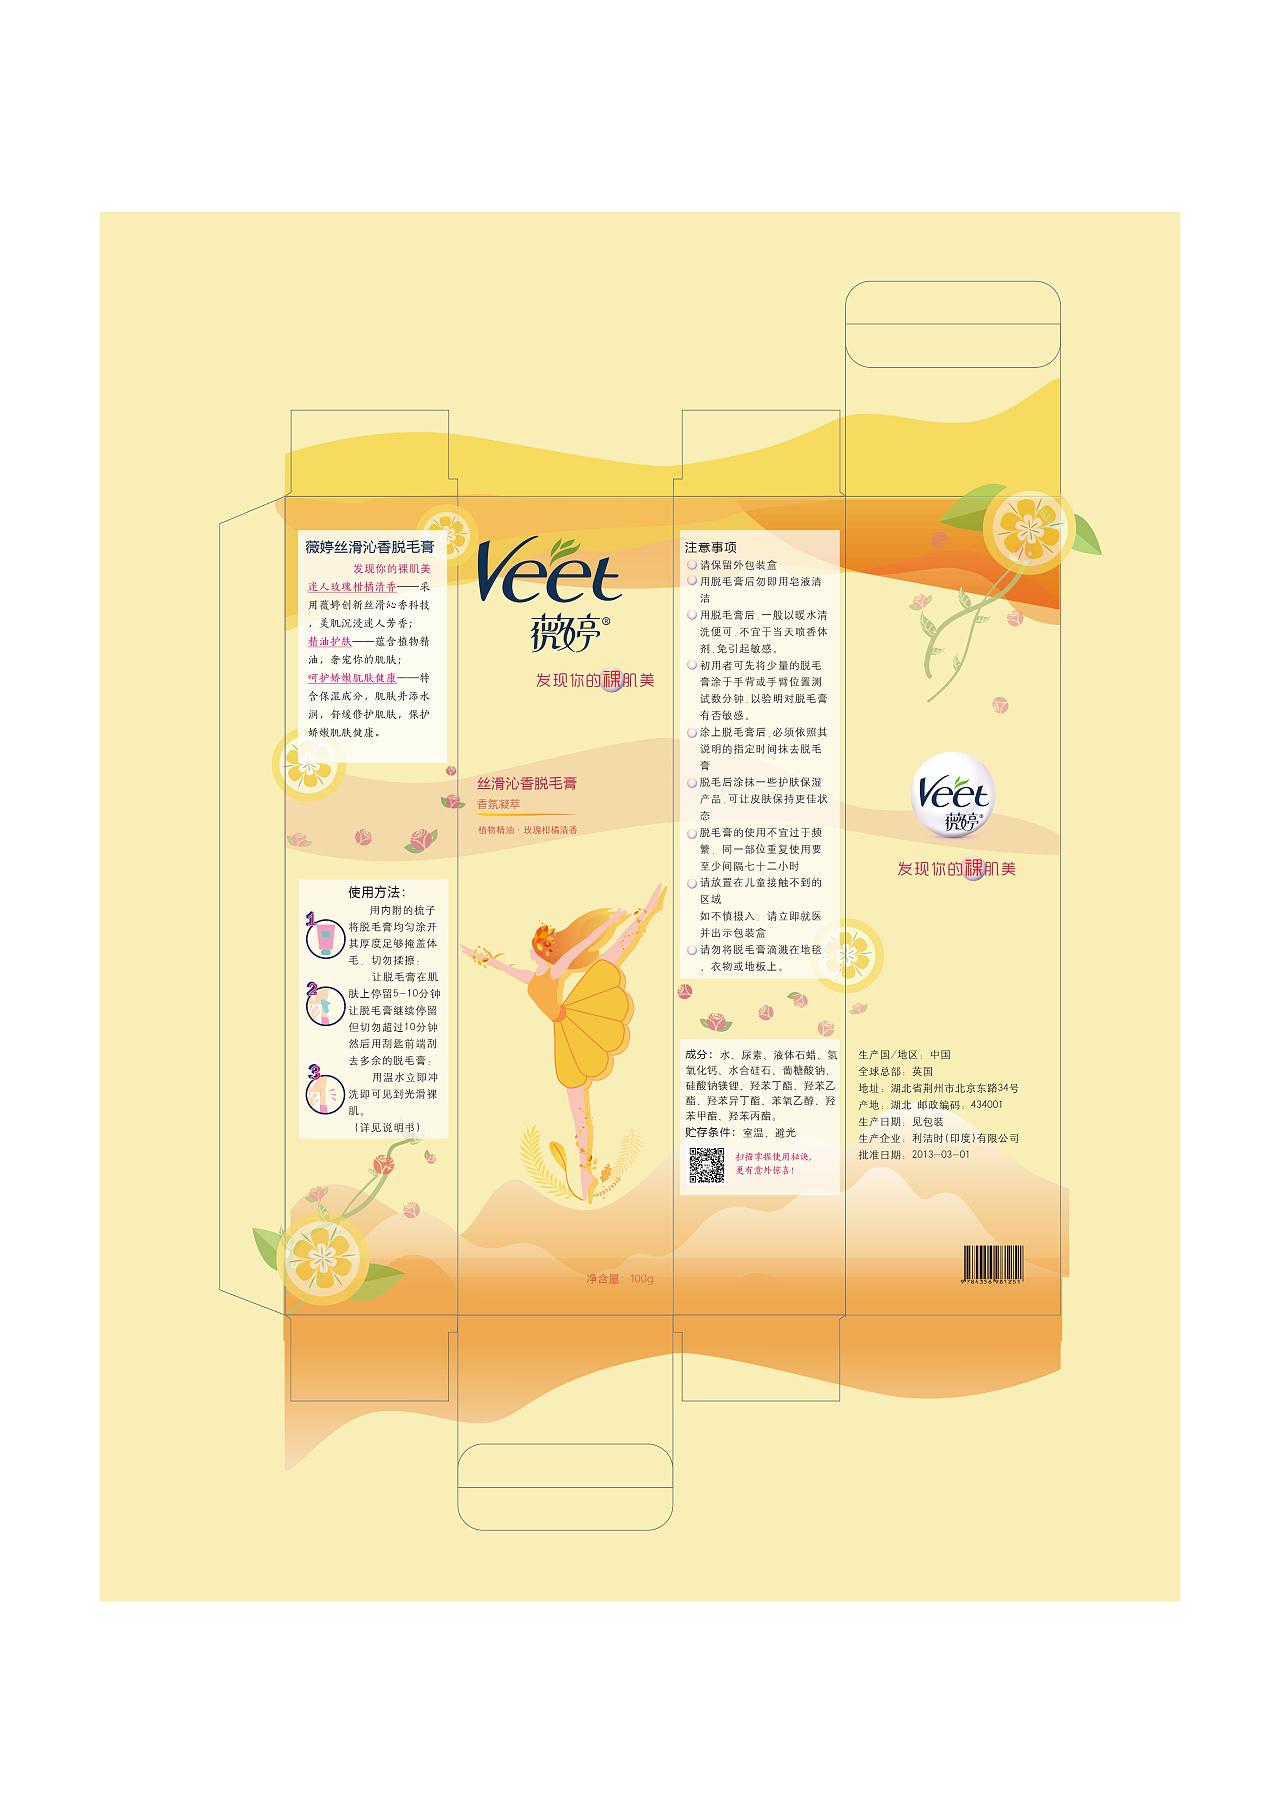 veet薇婷脱毛_薇婷Veet脱毛膏包装设计|平面|包装|慕老辰 - 原创作品 - 站酷 (ZCOOL)